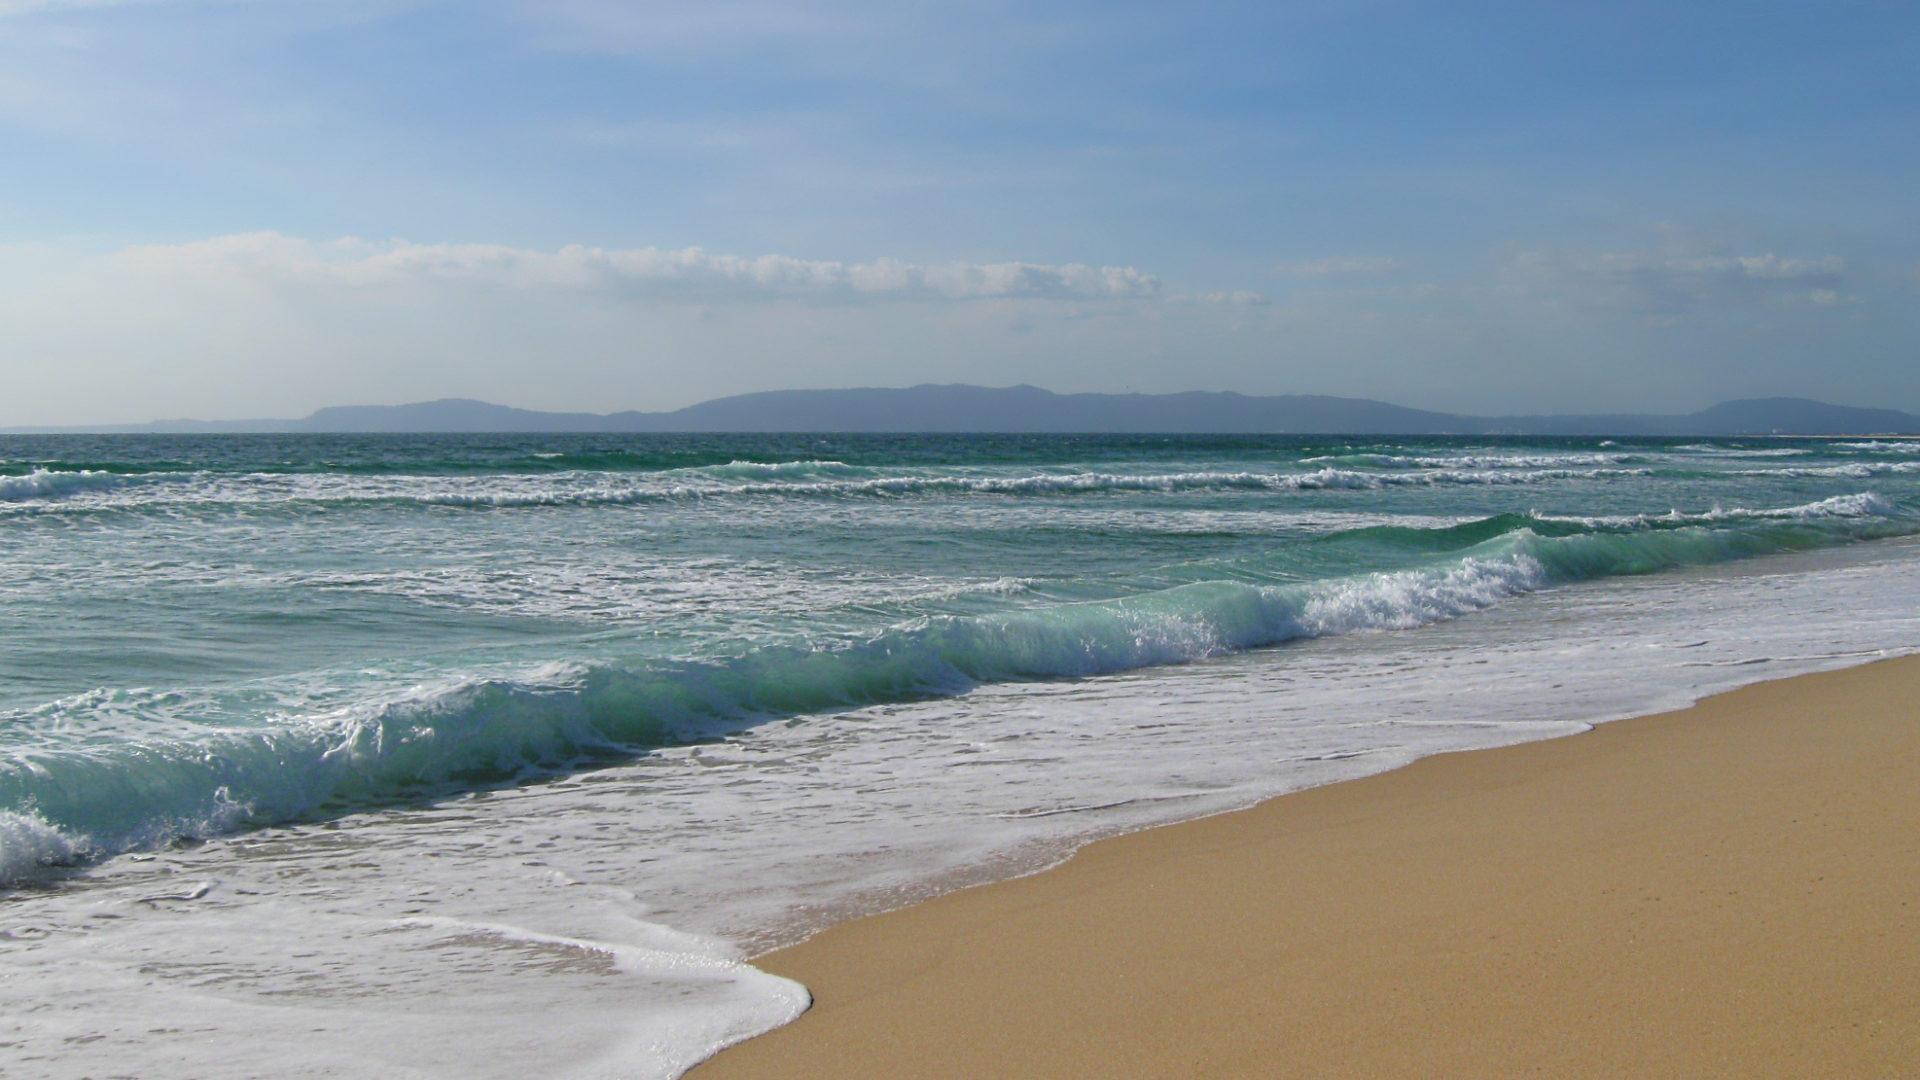 На запорізькому курорті на пляжі виявили тіло чоловіка